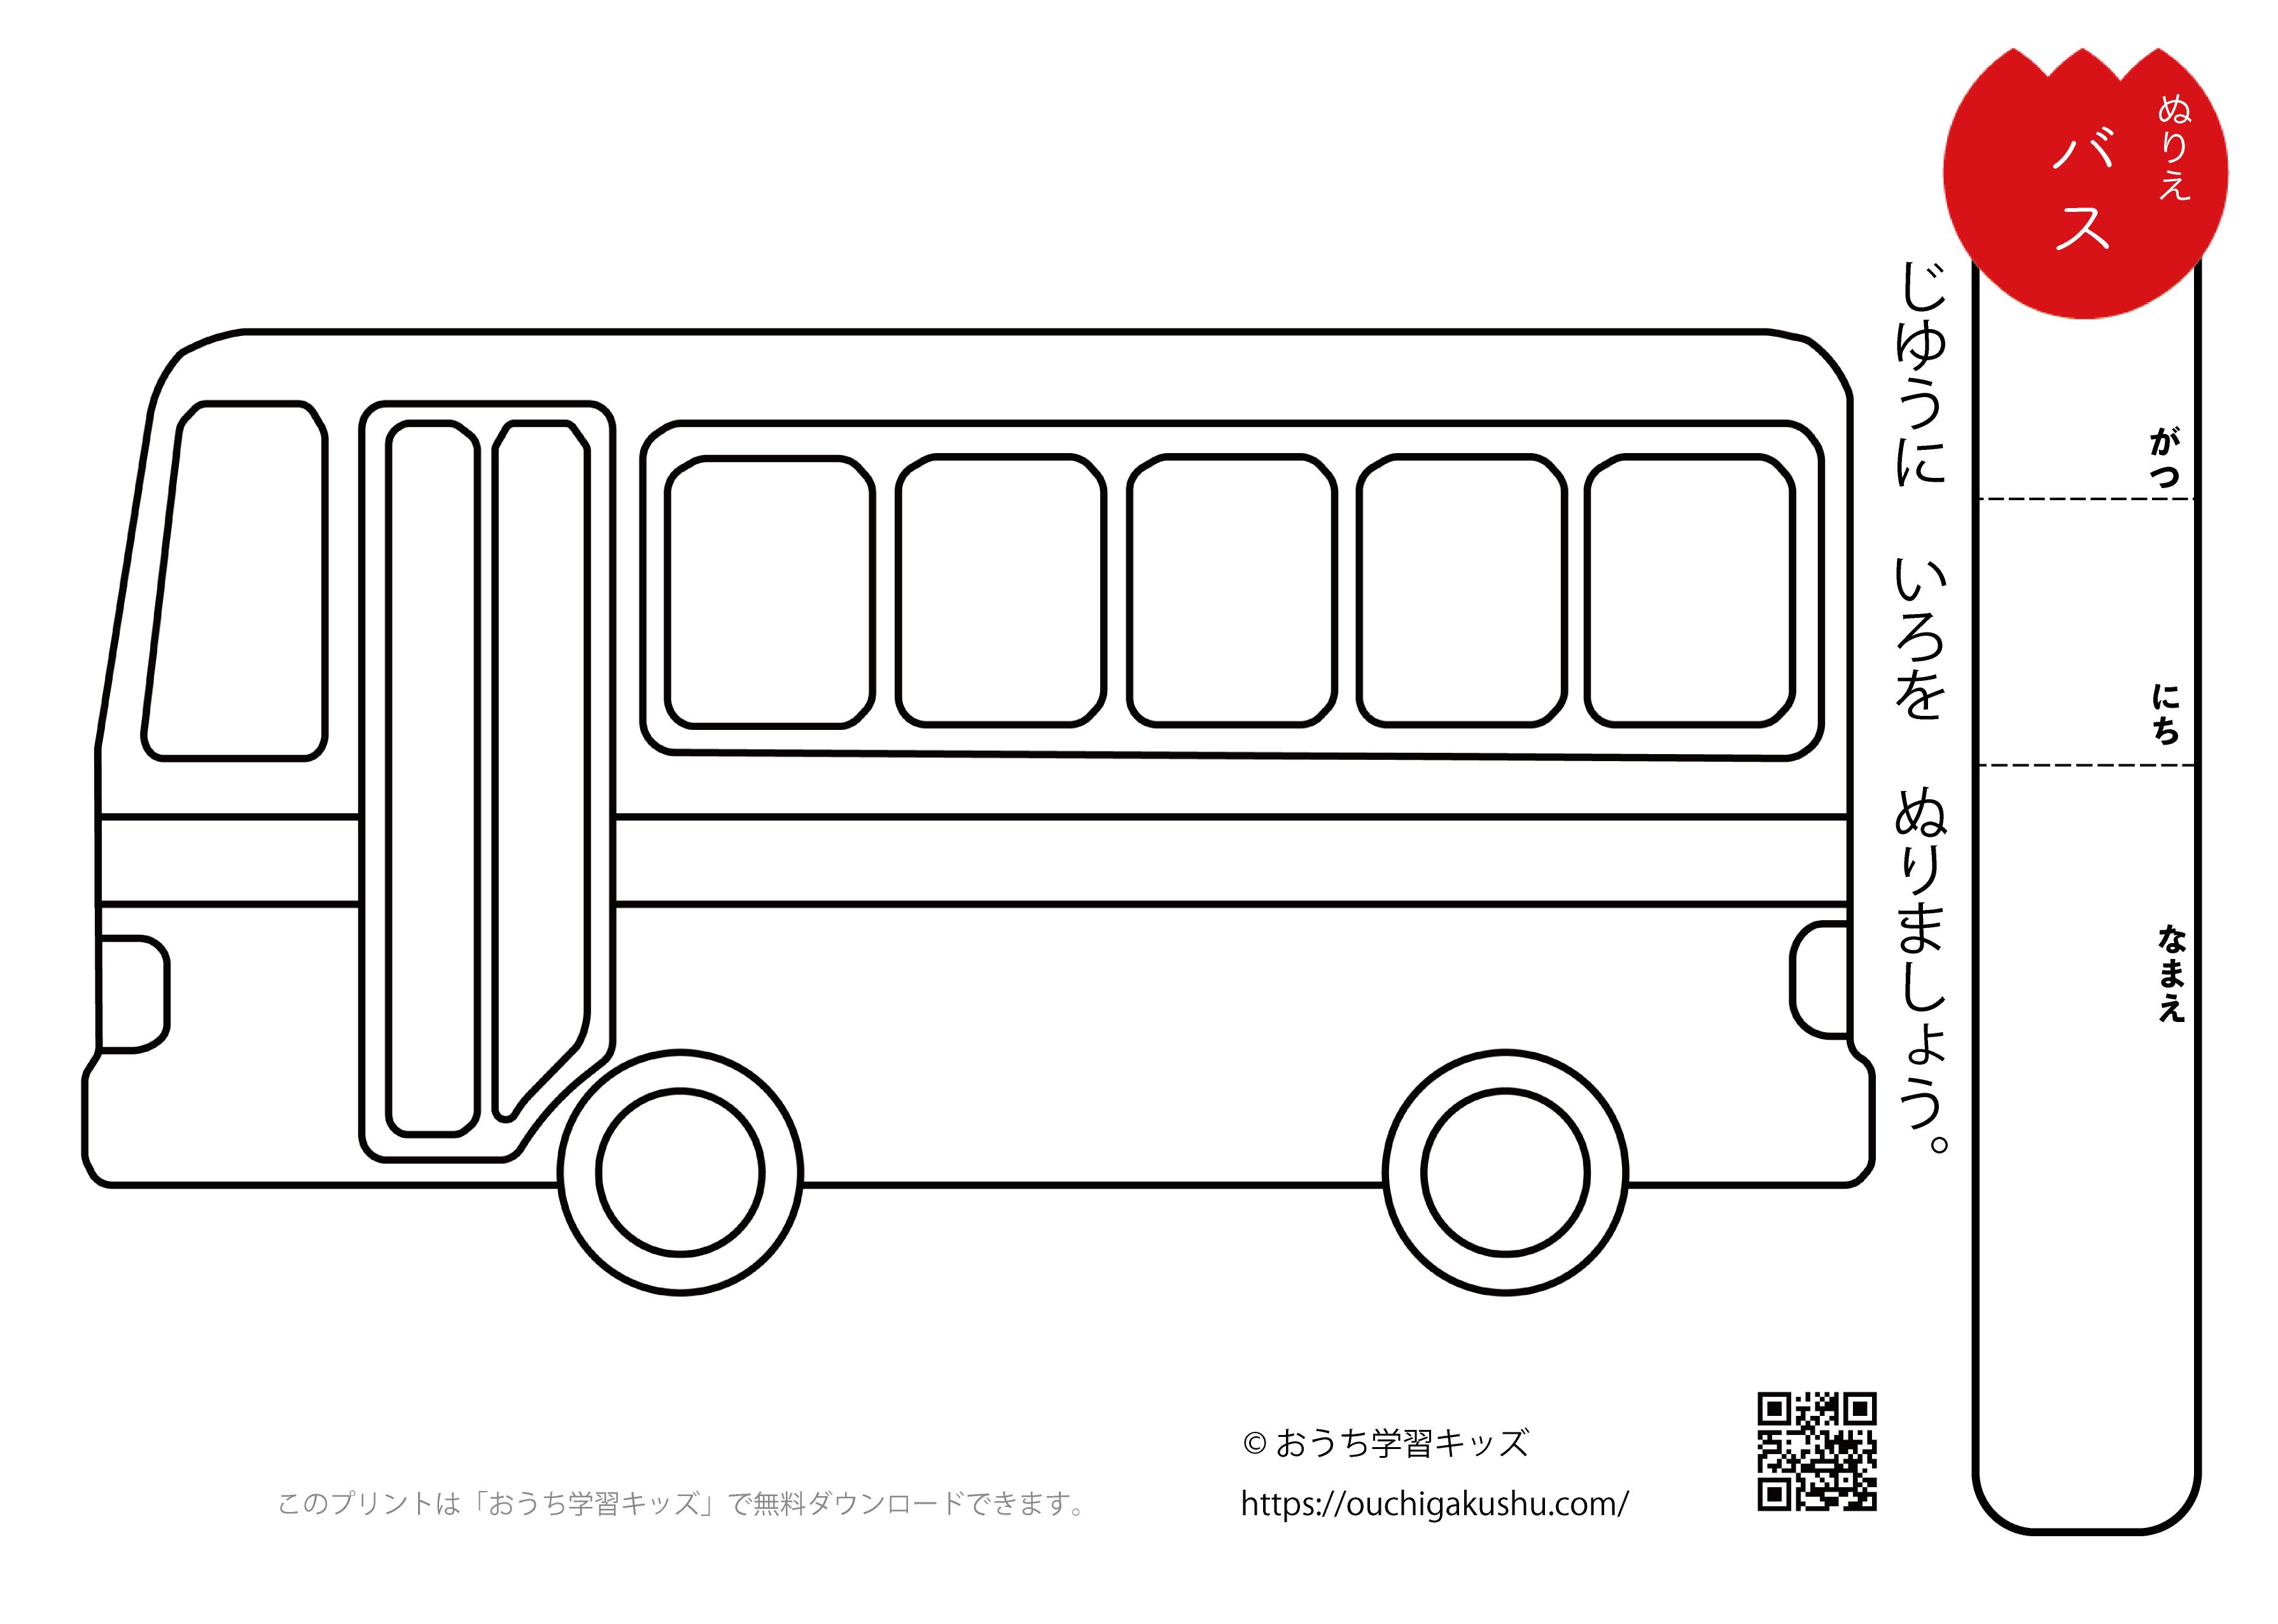 無料ぬりえプリント「バス」